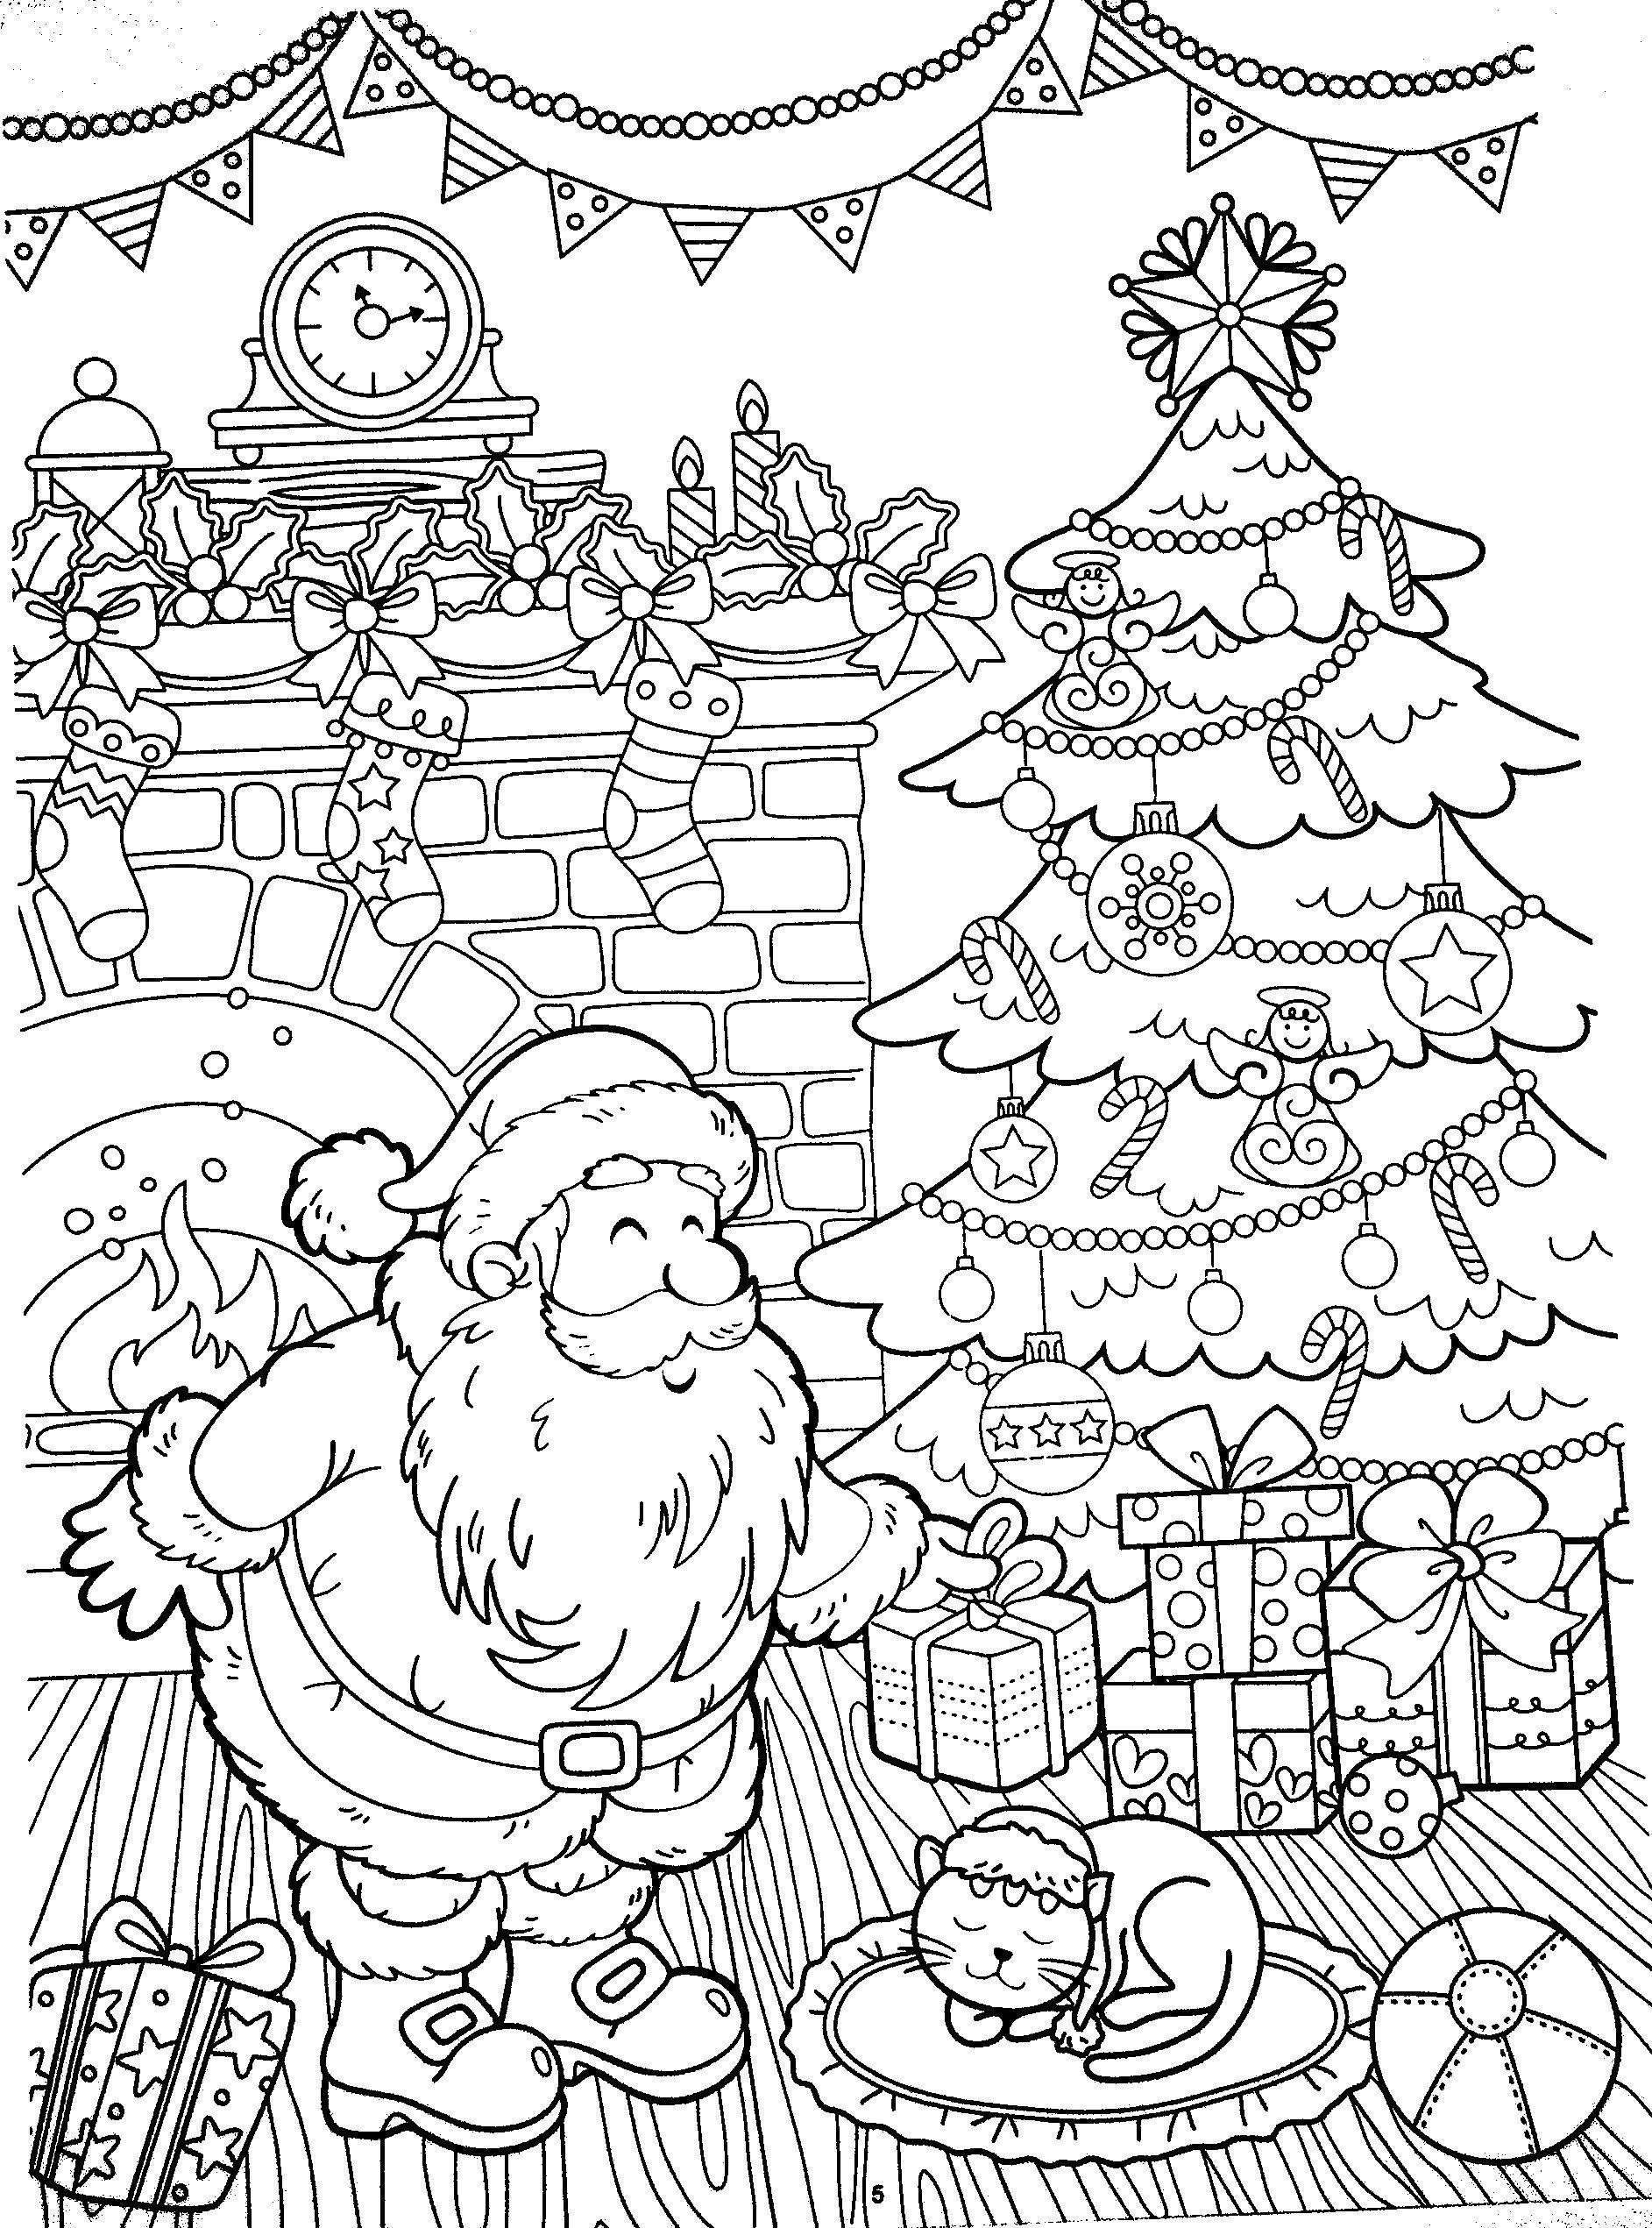 Malvorlagen Neujahr, Weihnachten Malvorlagen - раскраски НГ - #Mal